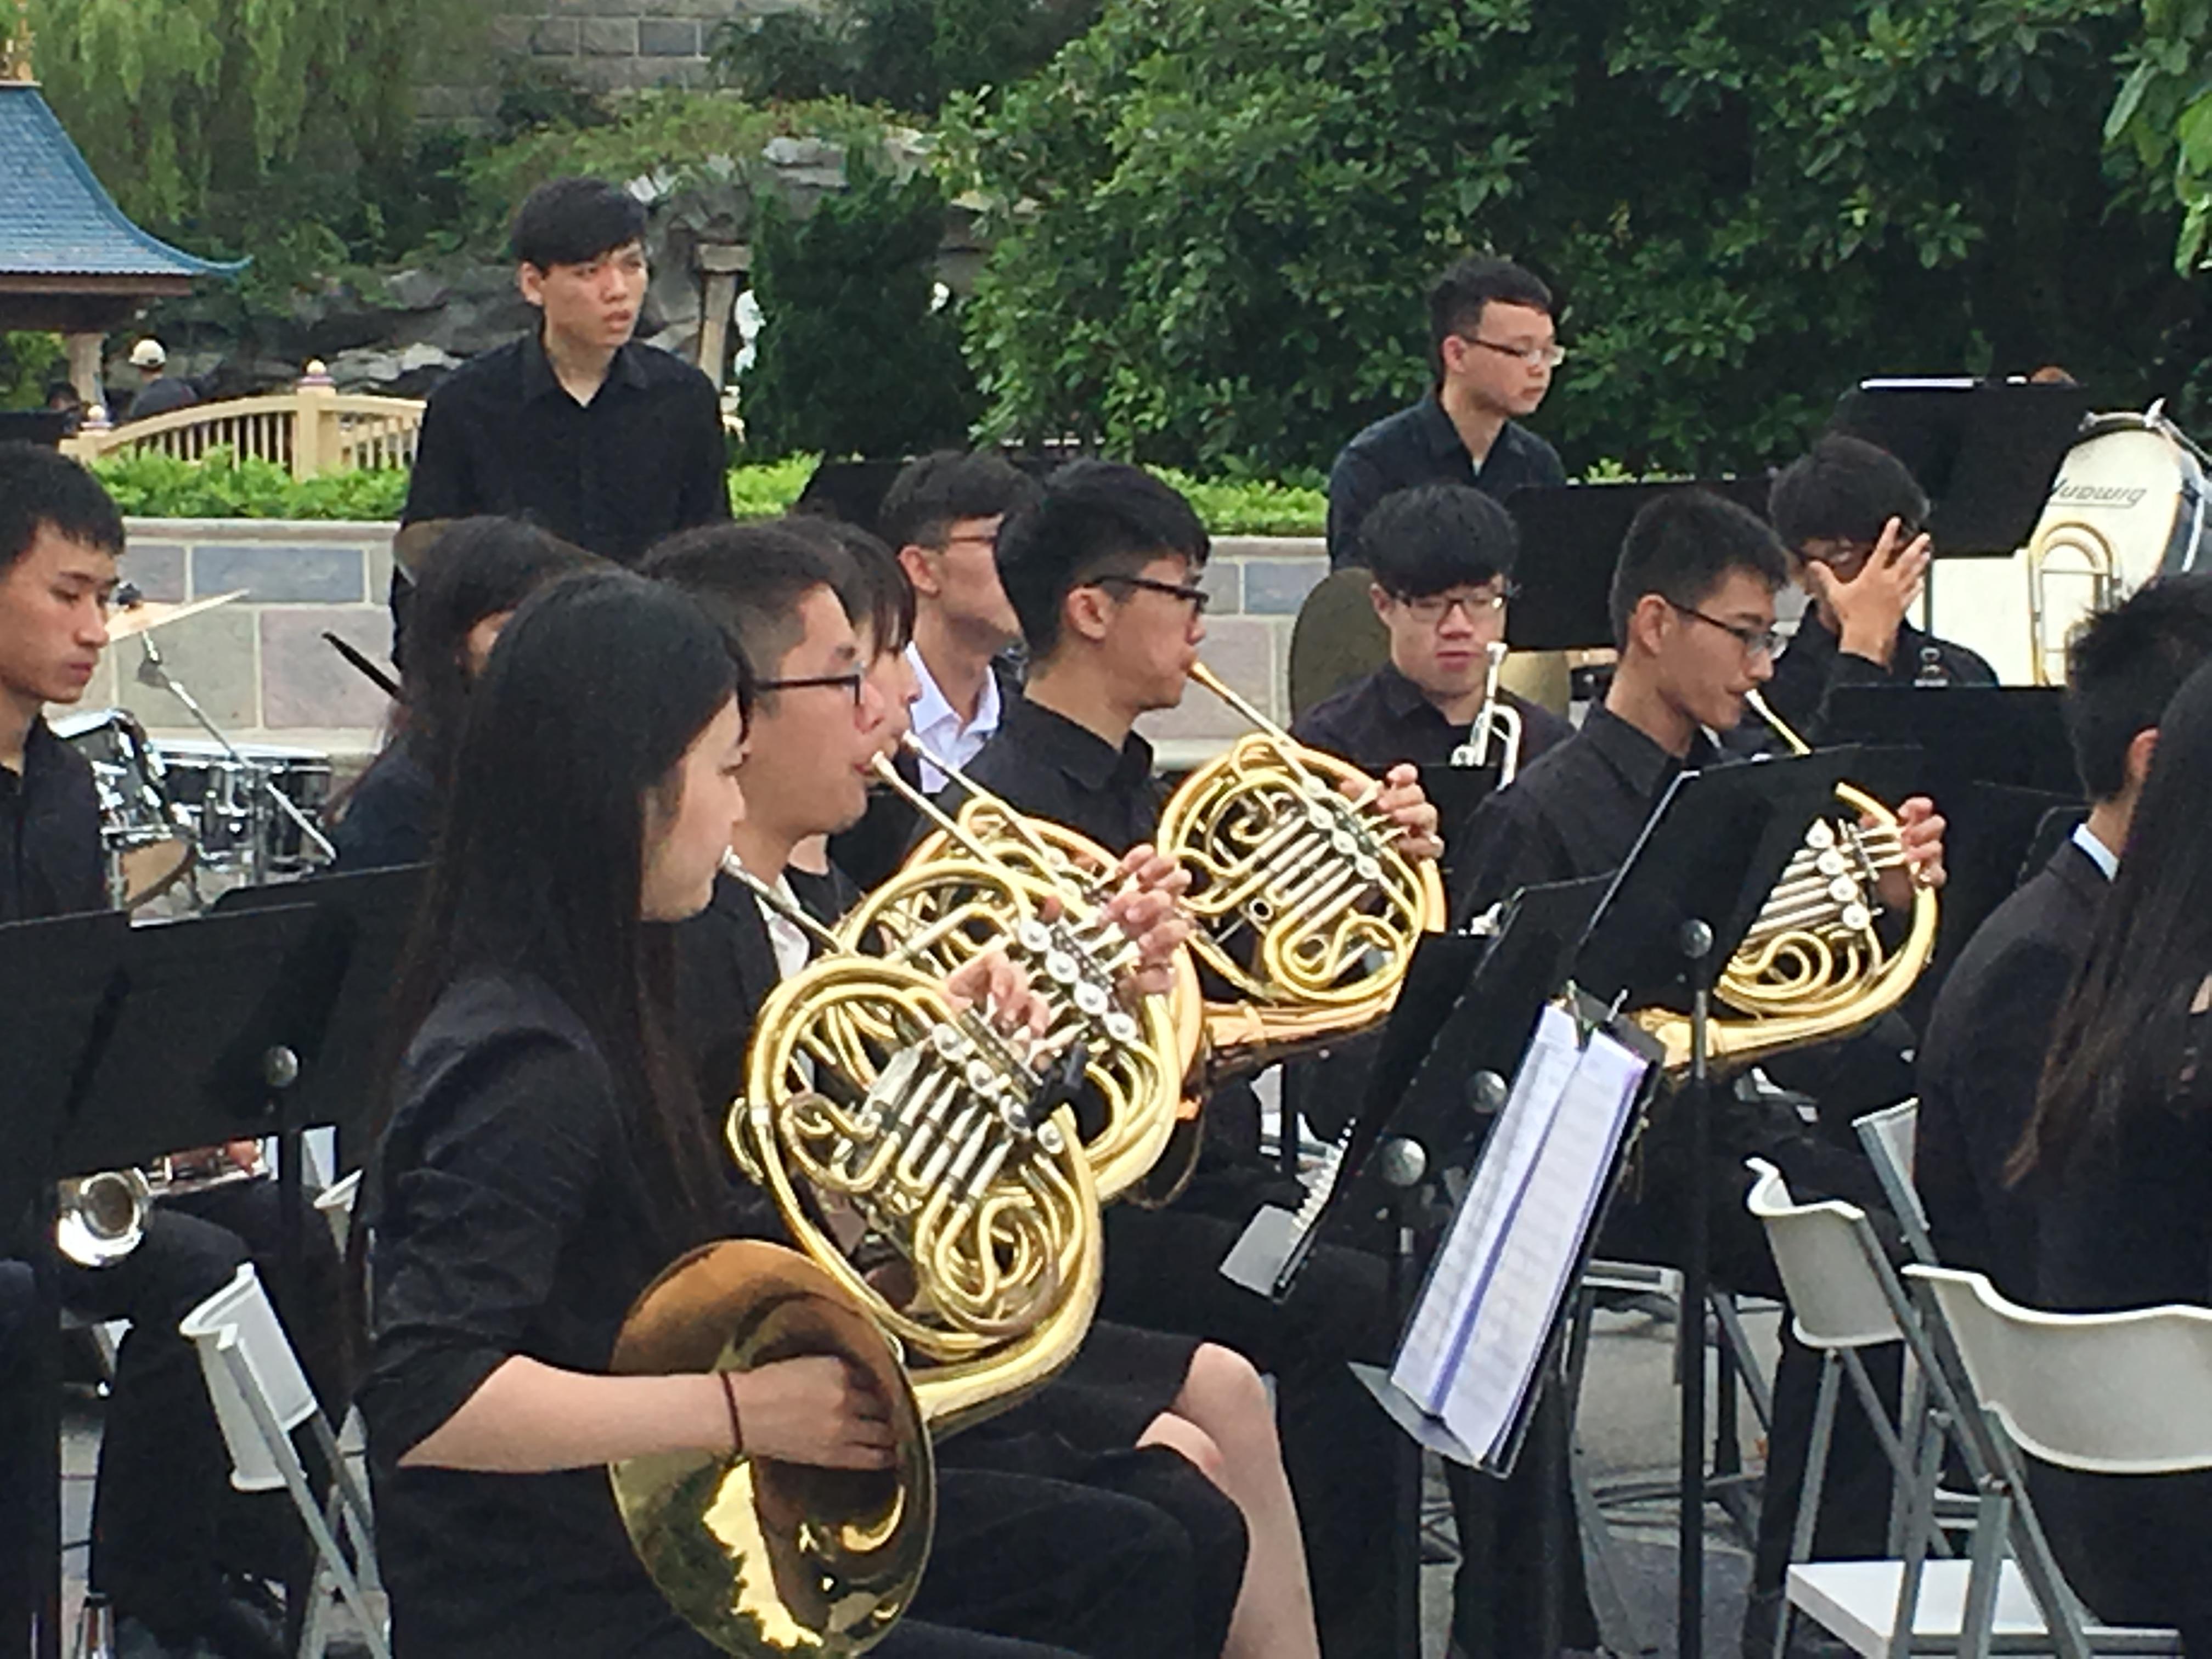 [社團補助計畫成果發表]台灣大學管樂團-暑期港澳交流計畫-1111大學網